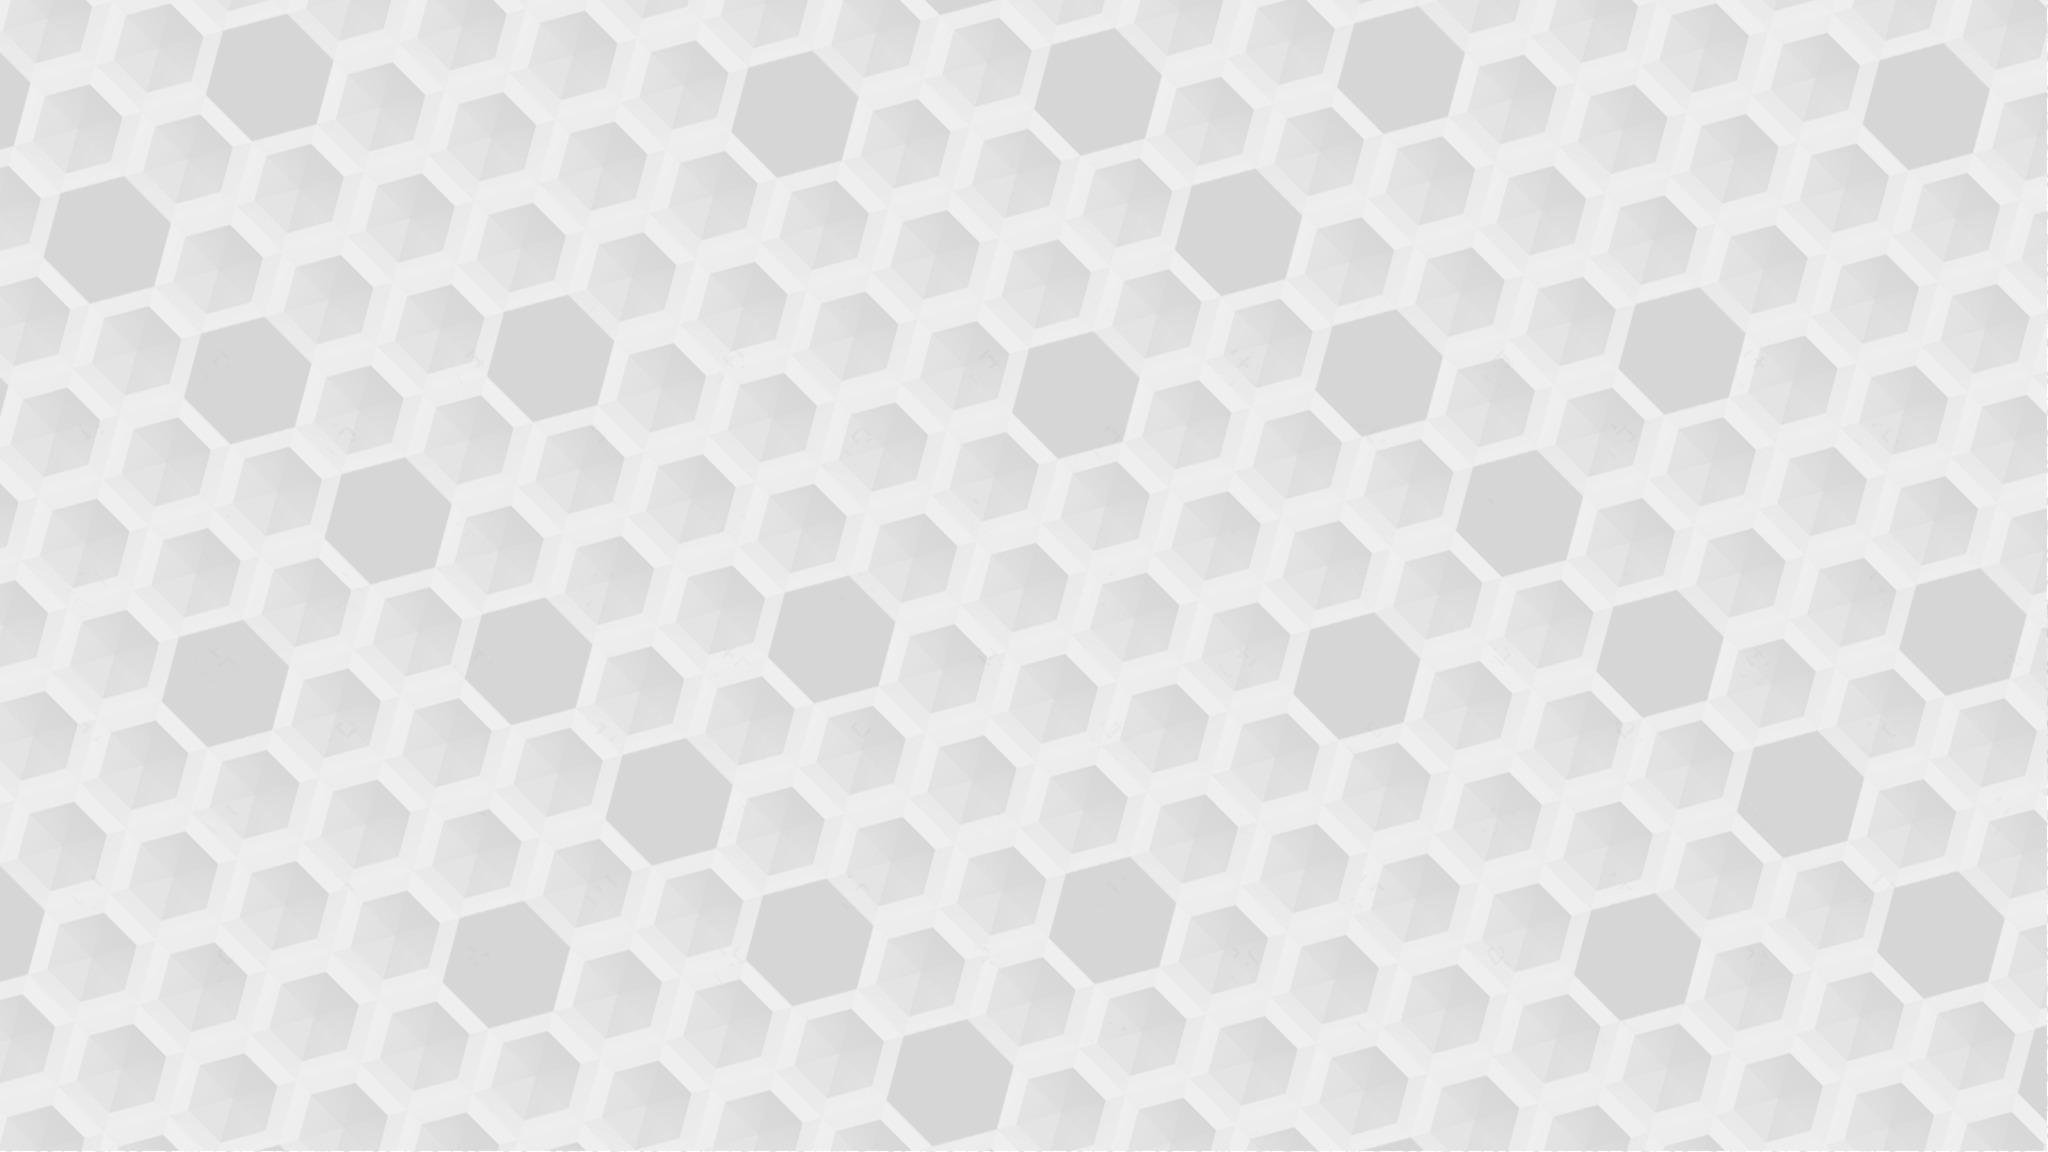 2048x1152 Hexagon Texture 2048x1152 Resolution Hd 4k